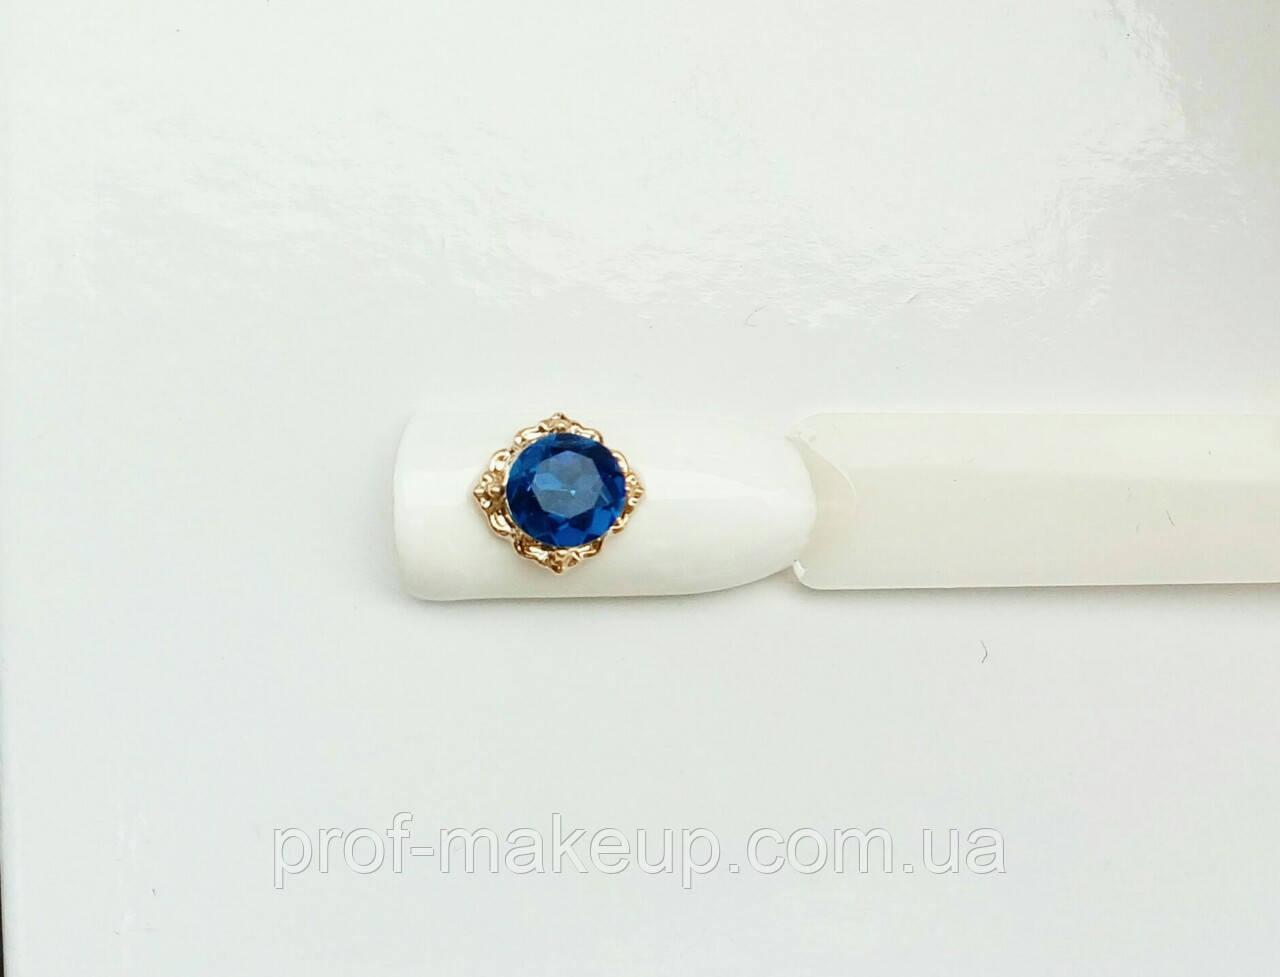 Украшение на ногти 3D,квадратик с синем камнем в золотой оправе.